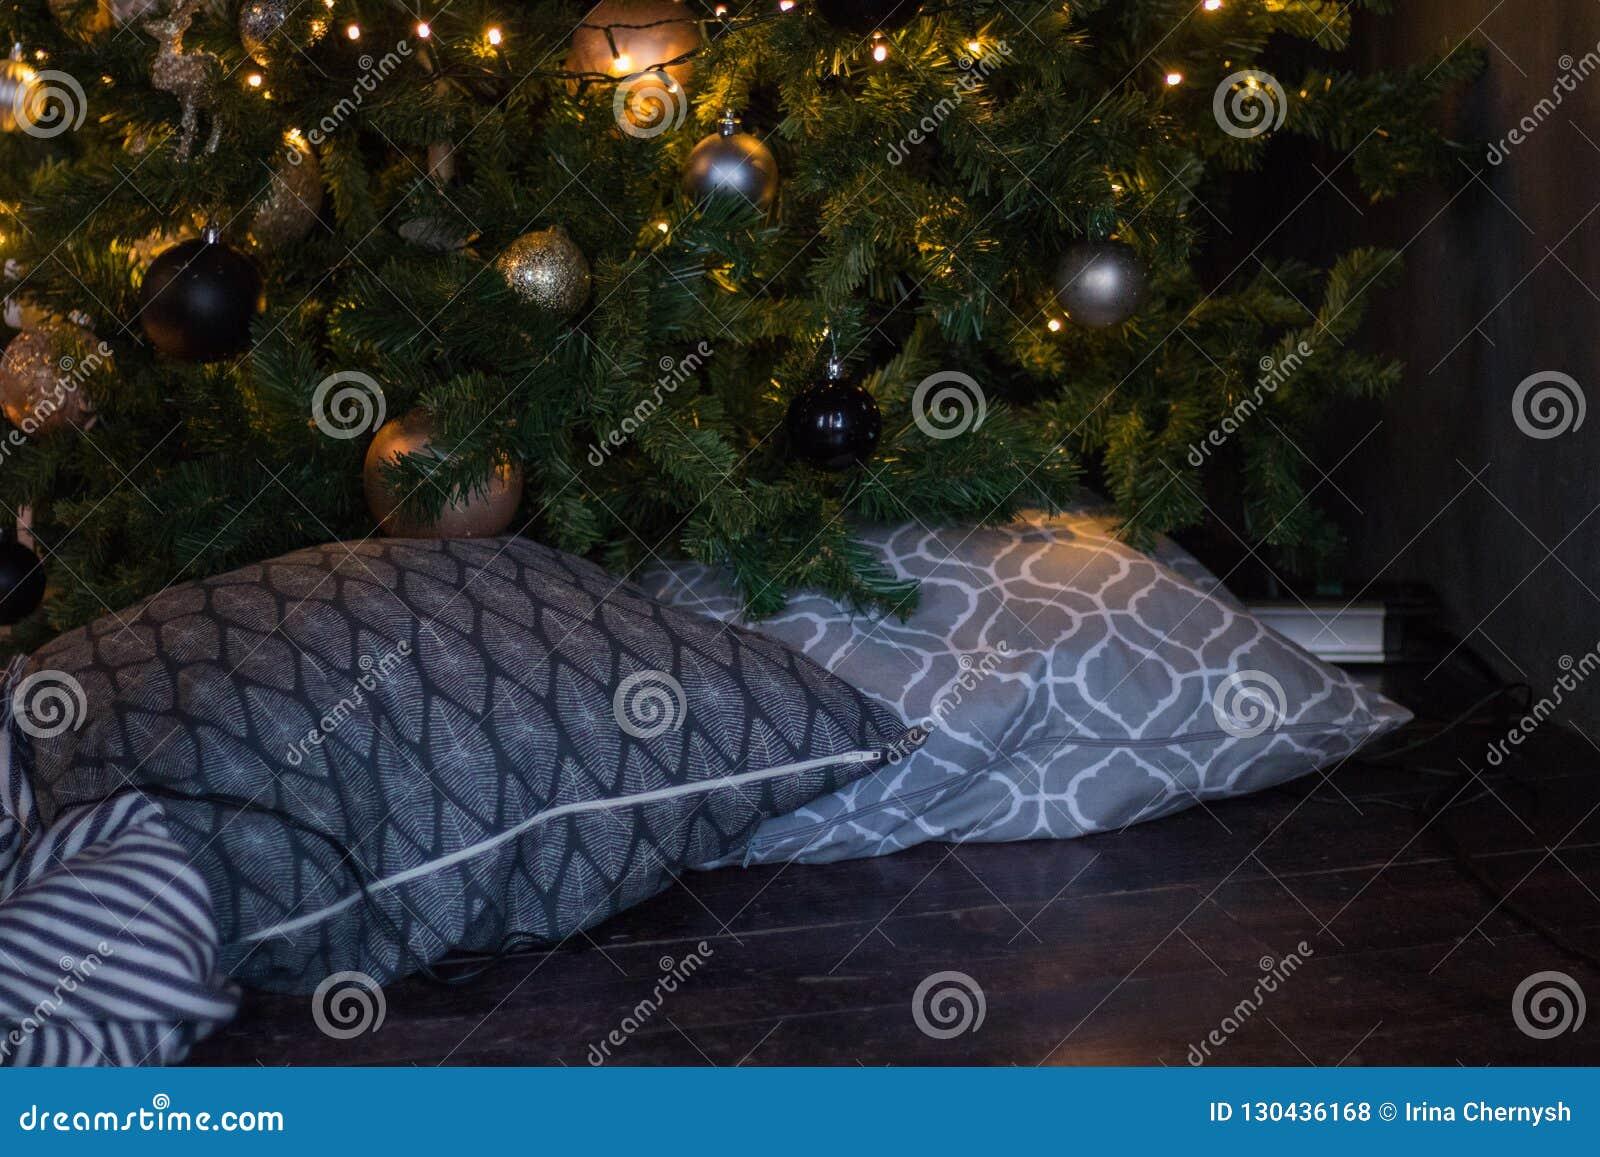 冬天装饰:圣诞树、诗歌选、球、礼物和舒适镶边格子花呢披肩有枕头的 所选的重点